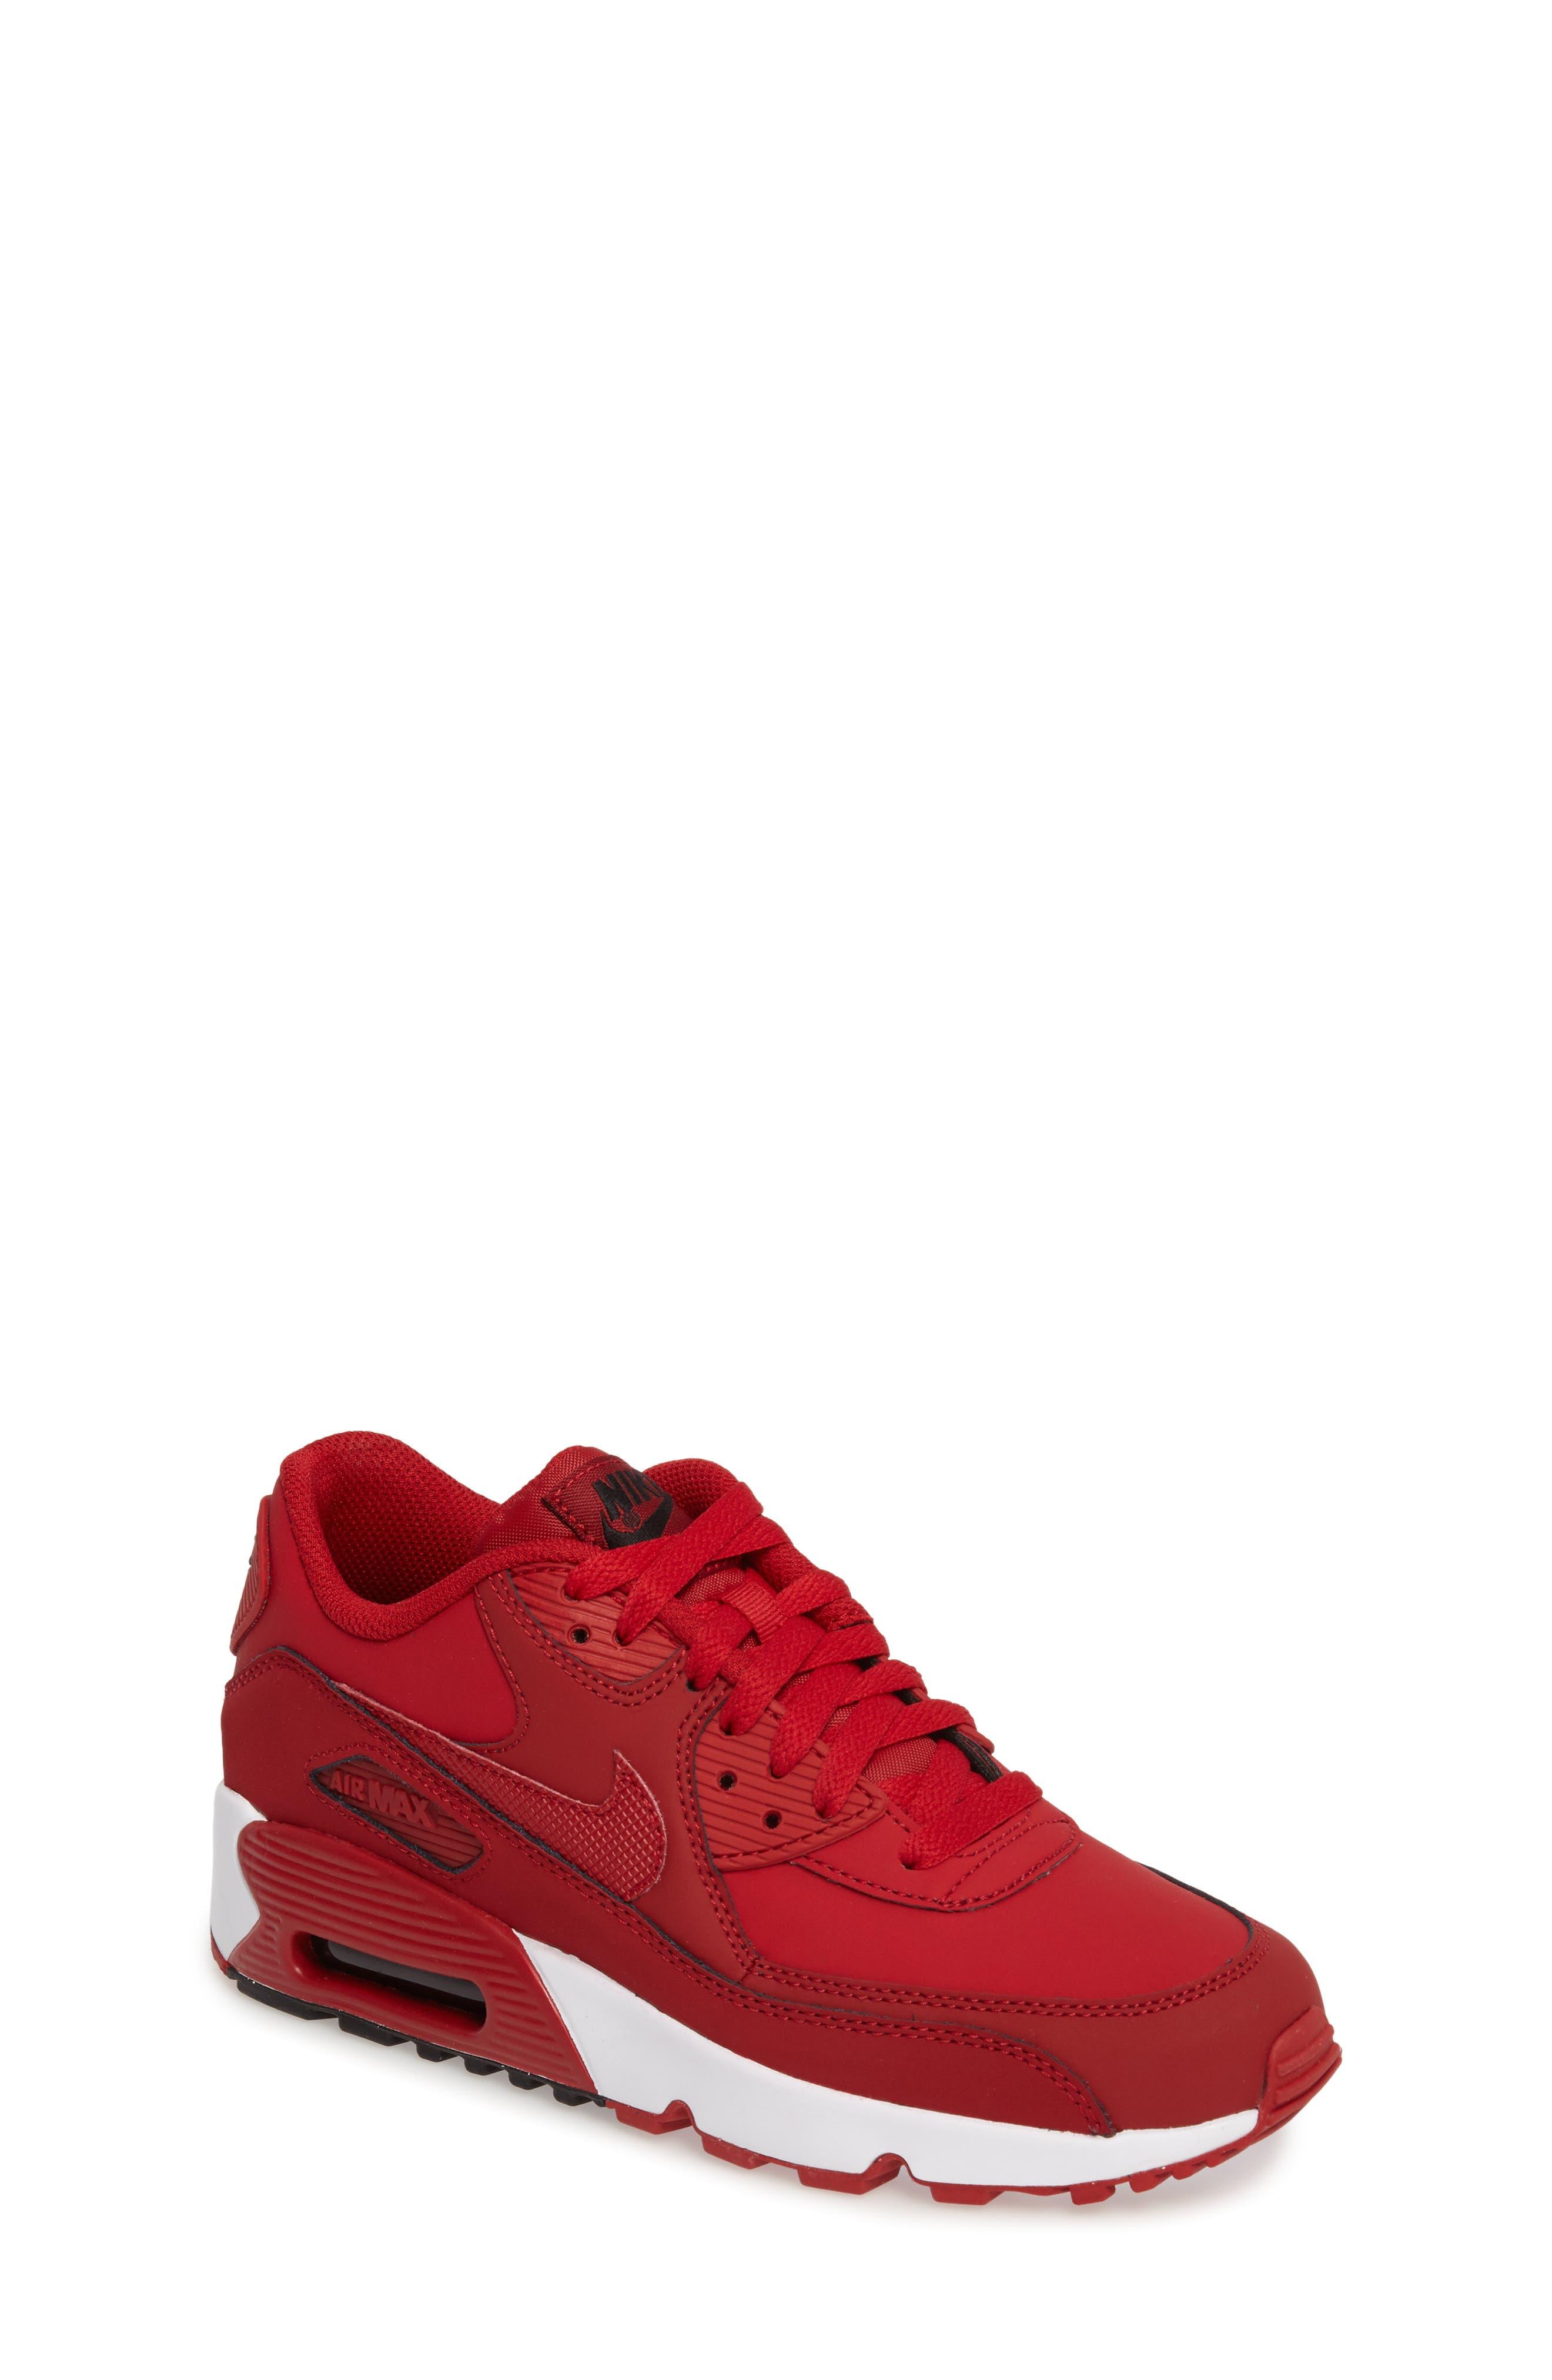 Nike Air Max 90 Sneaker (Big Kid)